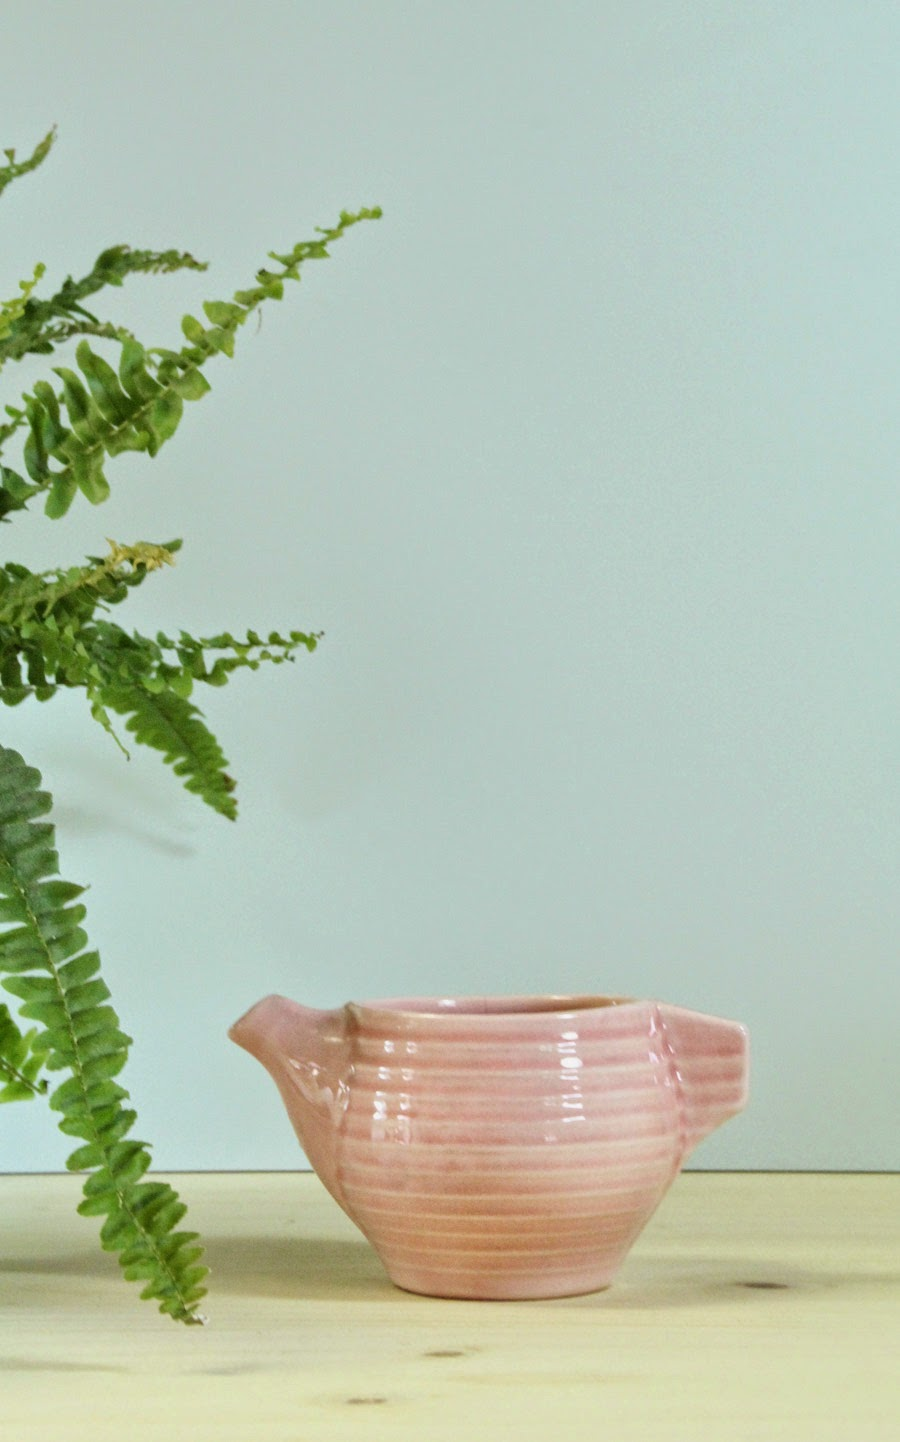 pot à lait service rétro vintage couleur rose pastel céramique